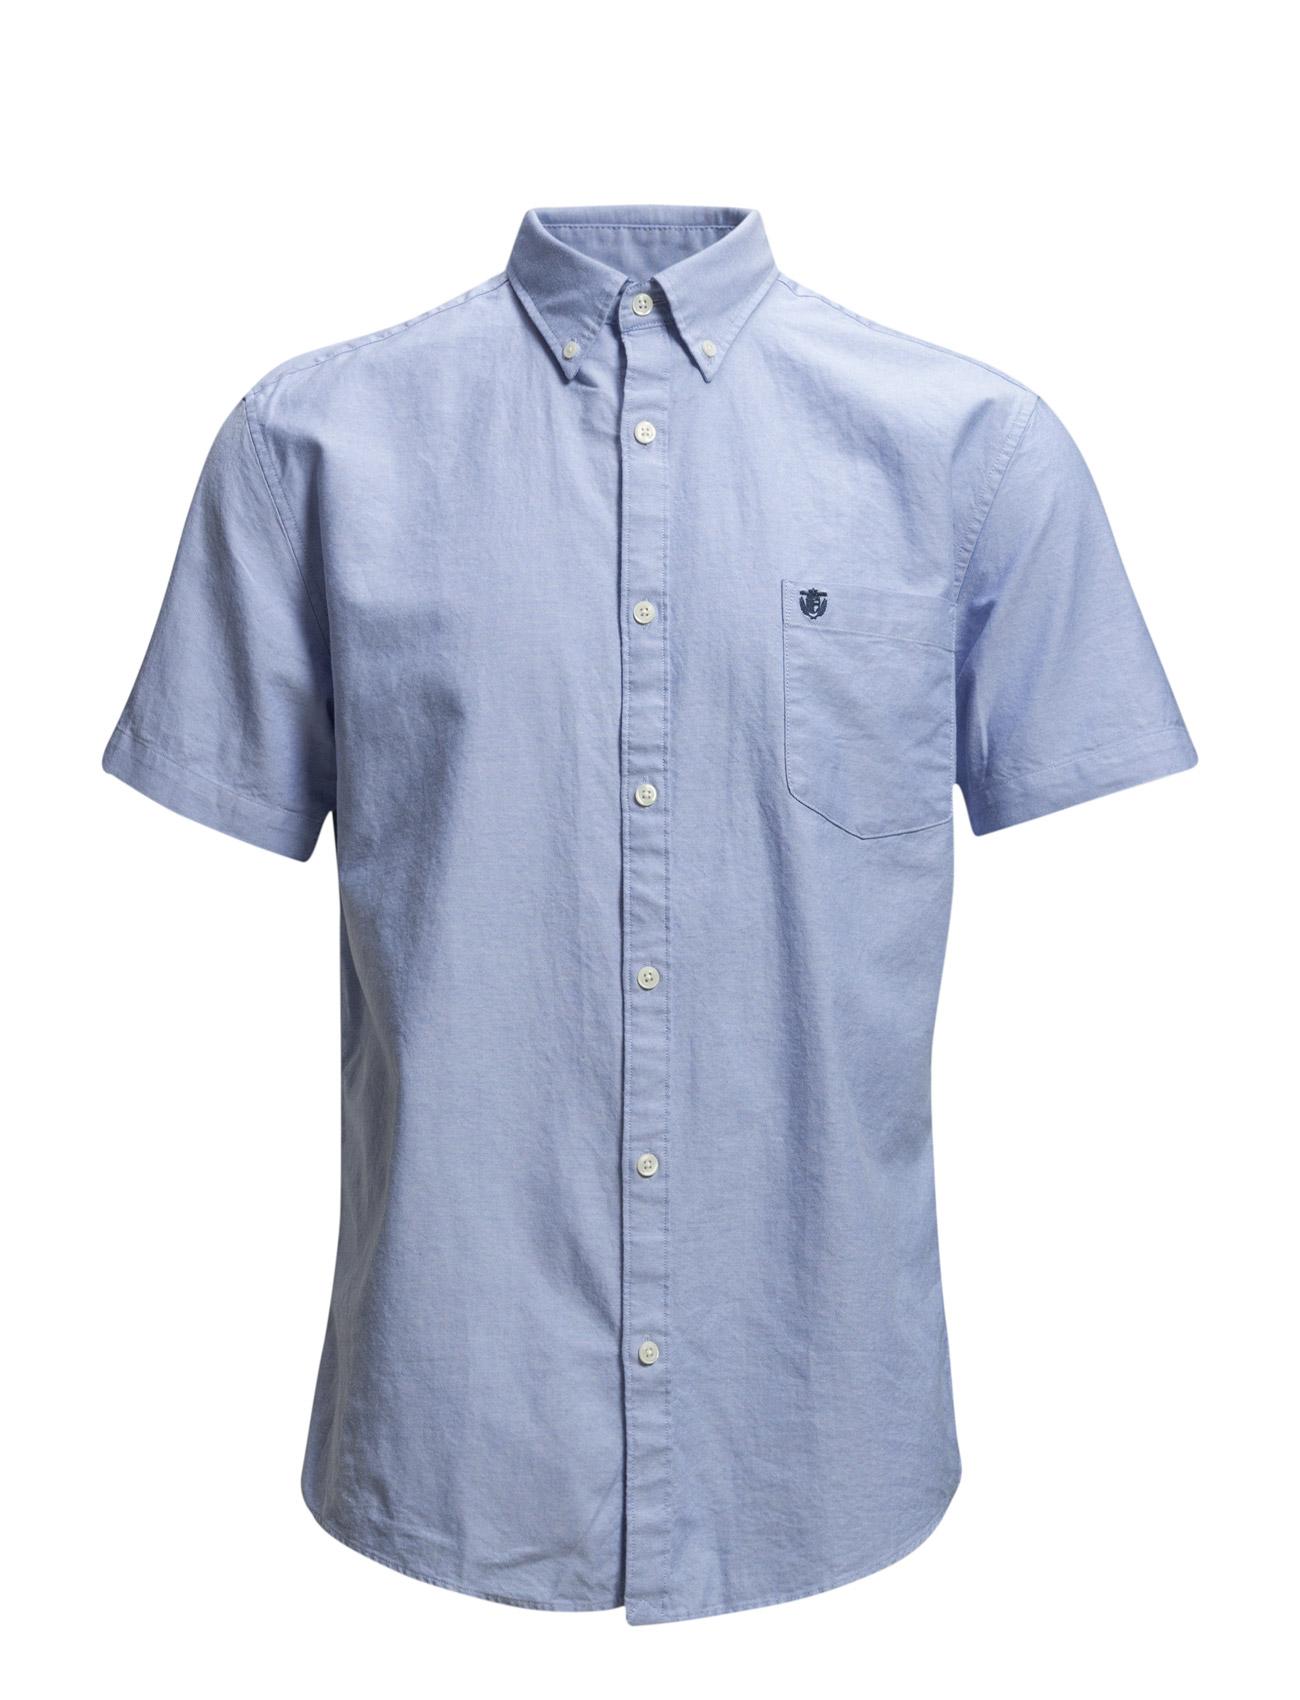 Shhcollect Shirt Ss R Noos Selected Homme Kortærmede til Mænd i Lyseblå